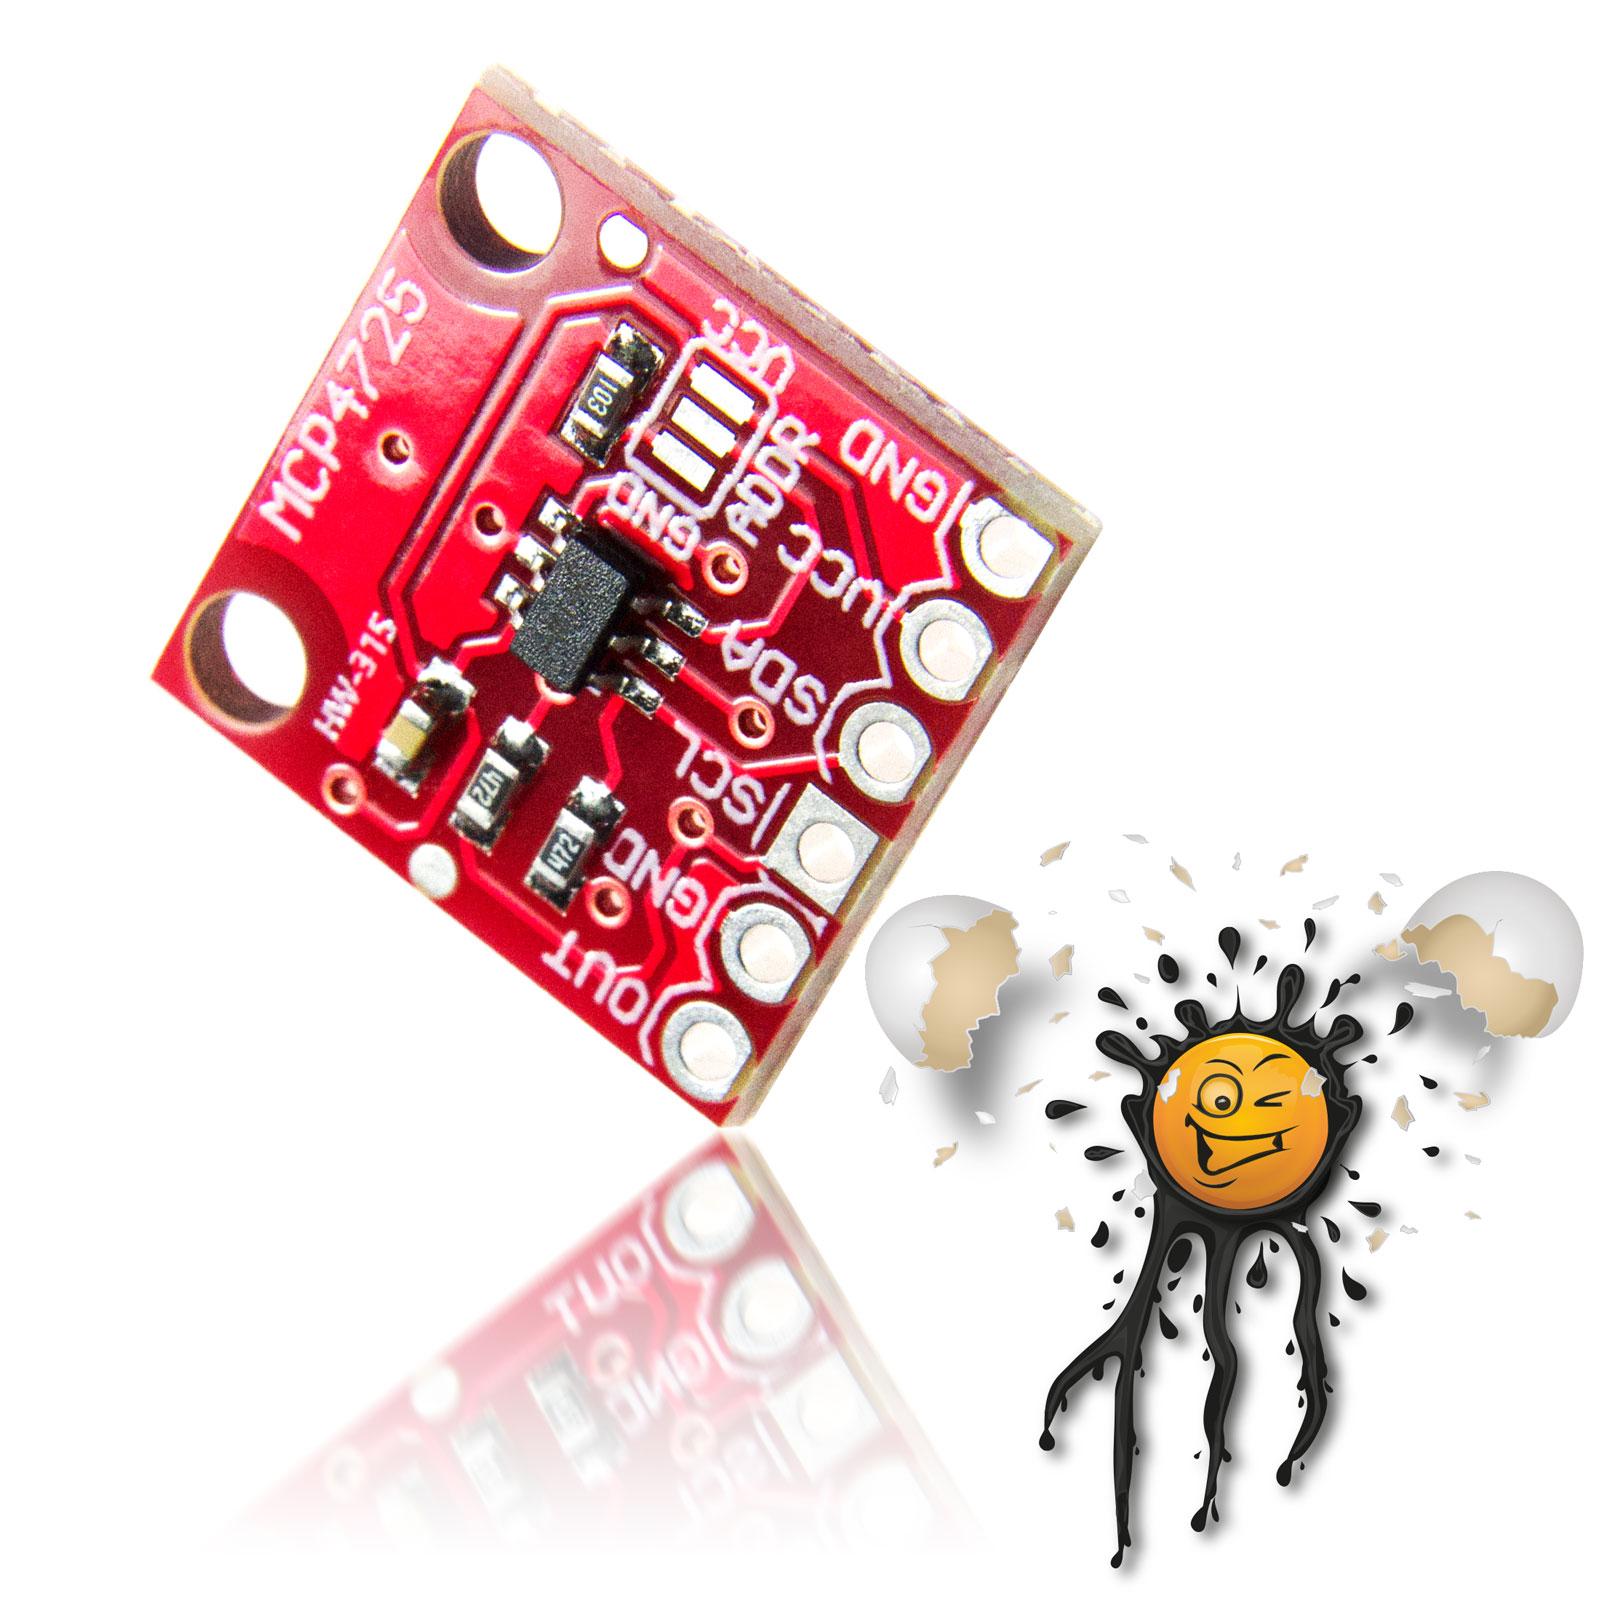 3.3V 5V Digital Analog Converter Module MCP4725